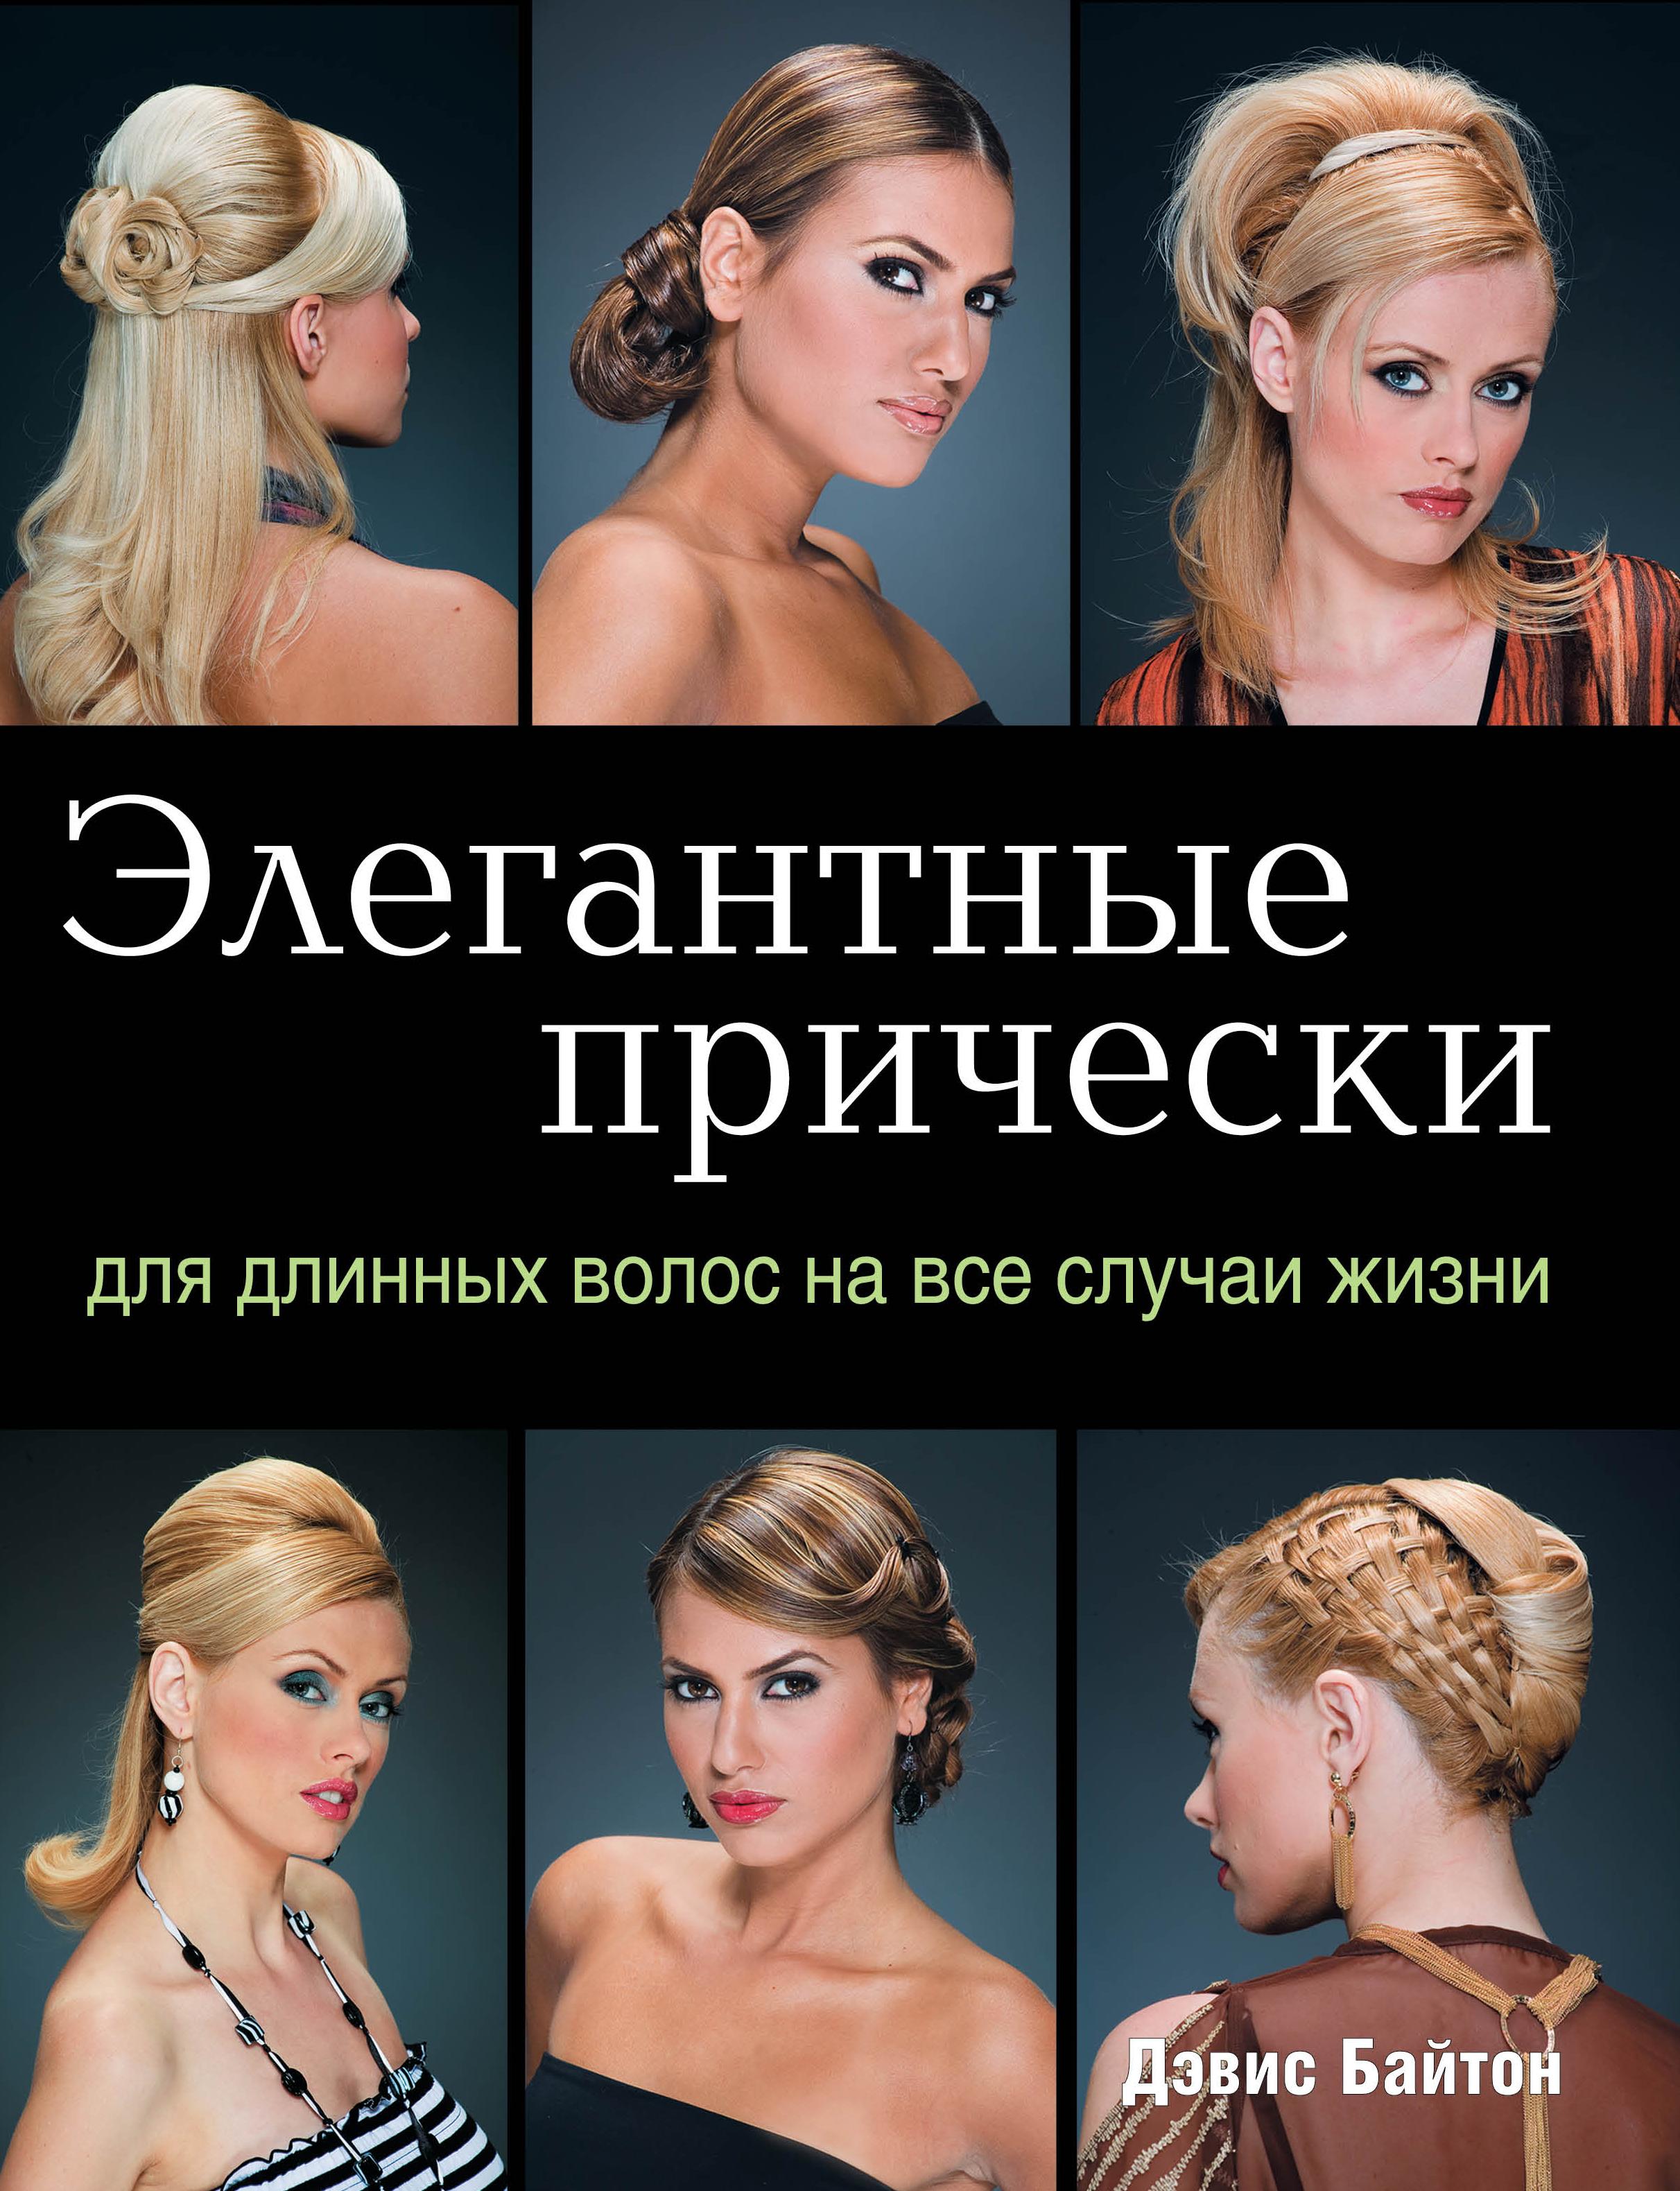 Элегантные прически для длинных волос на все случаи жизни